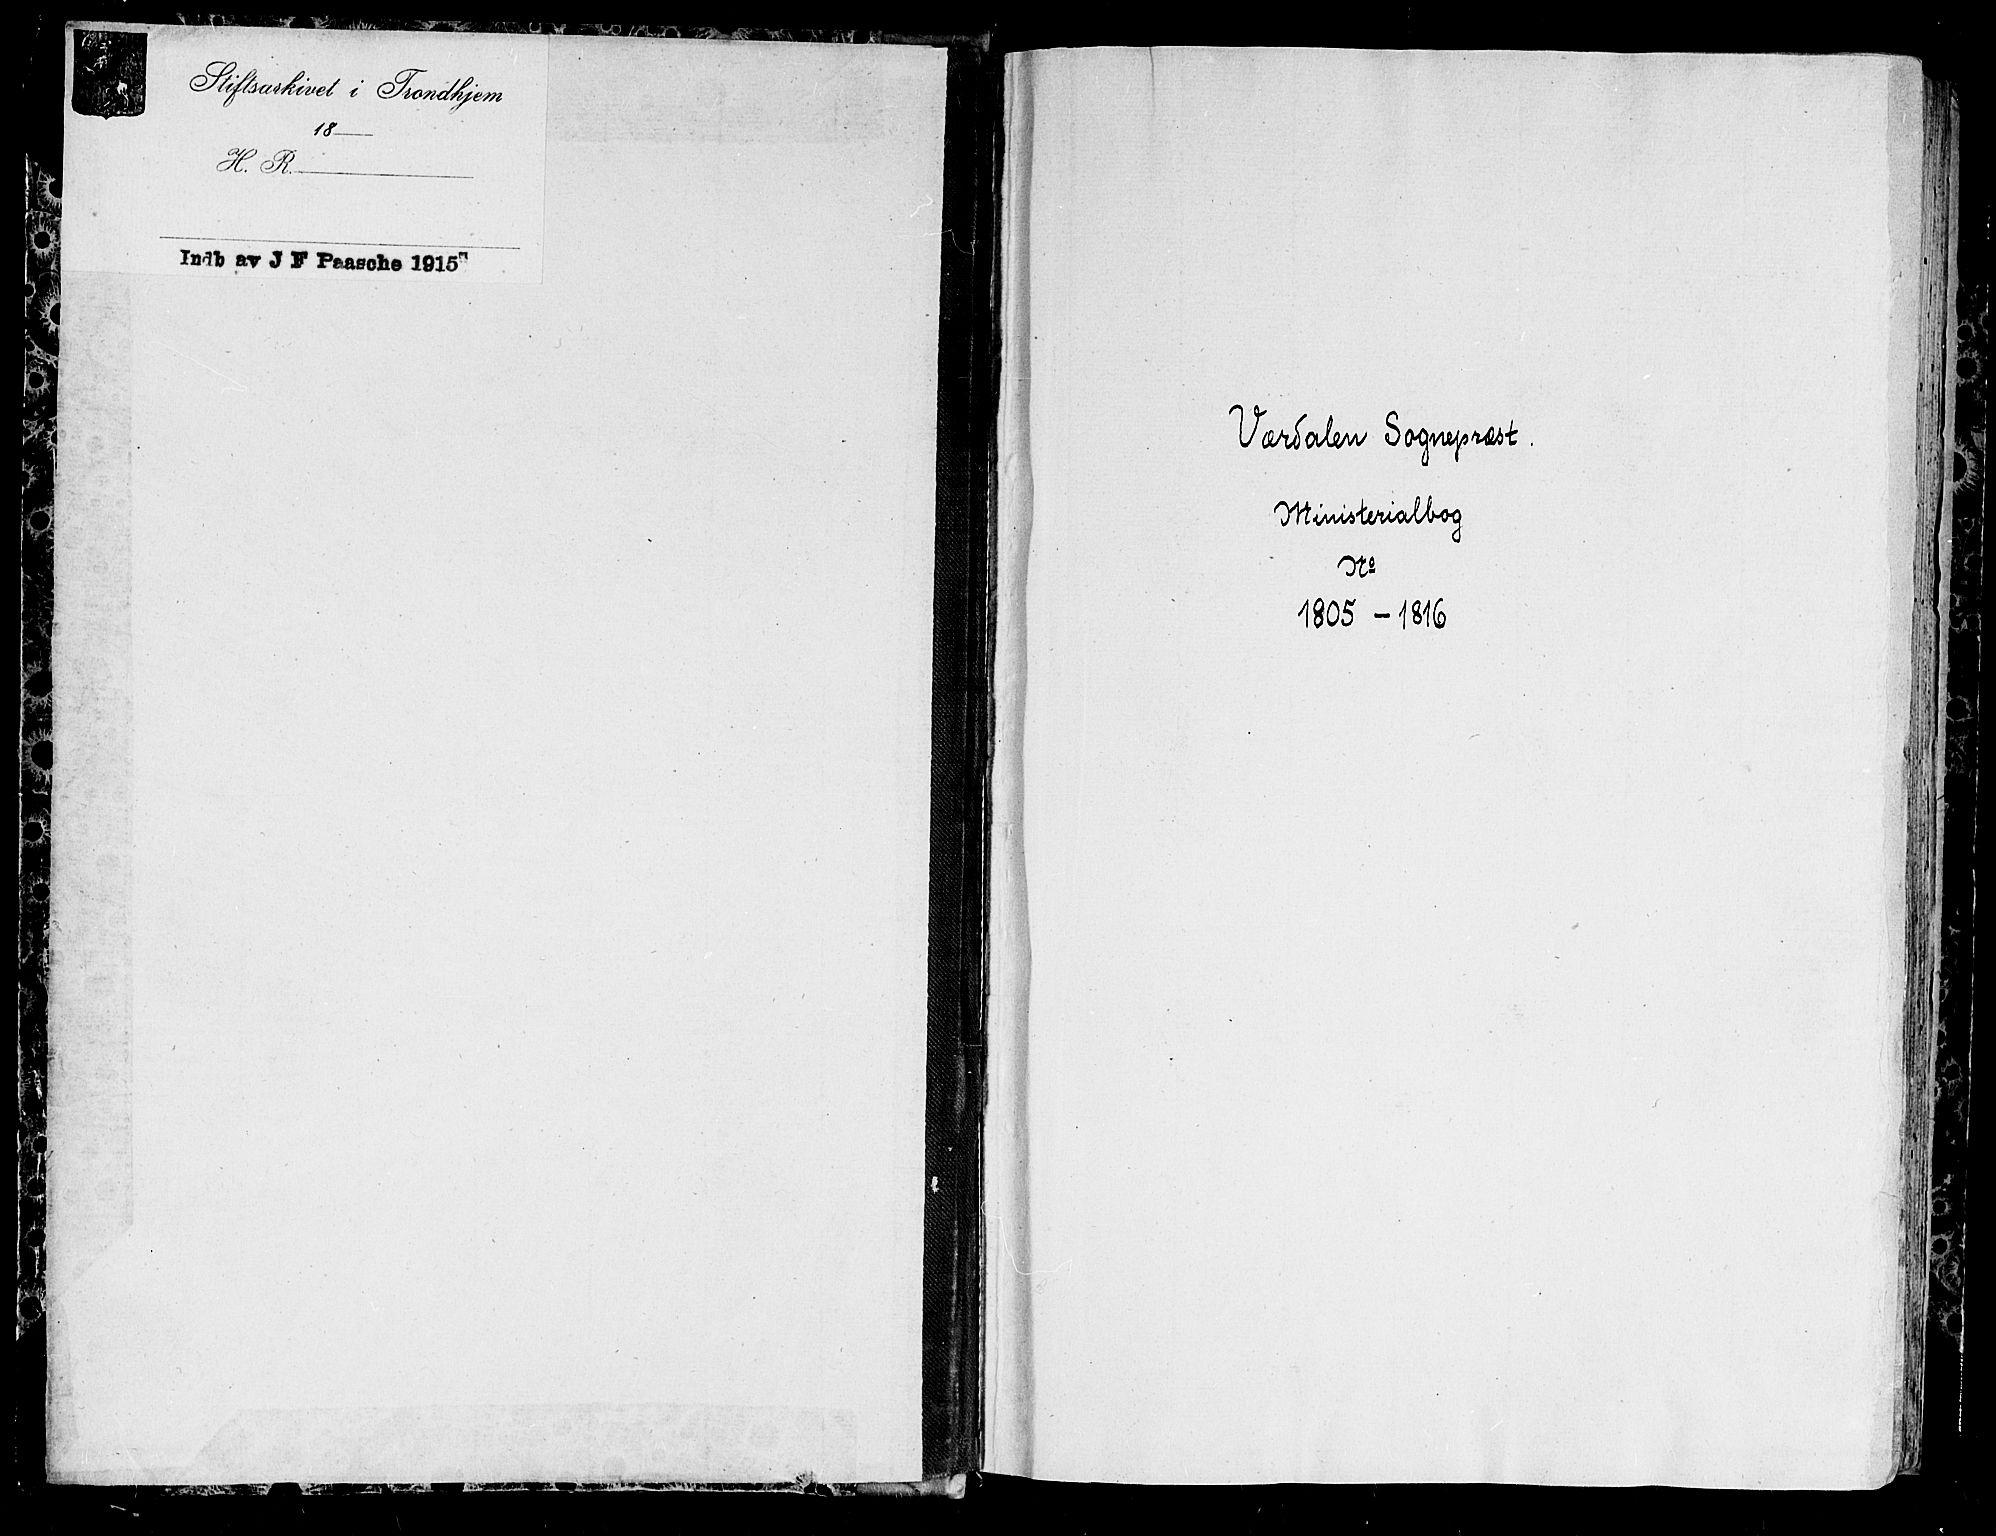 SAT, Ministerialprotokoller, klokkerbøker og fødselsregistre - Nord-Trøndelag, 723/L0233: Ministerialbok nr. 723A04, 1805-1816